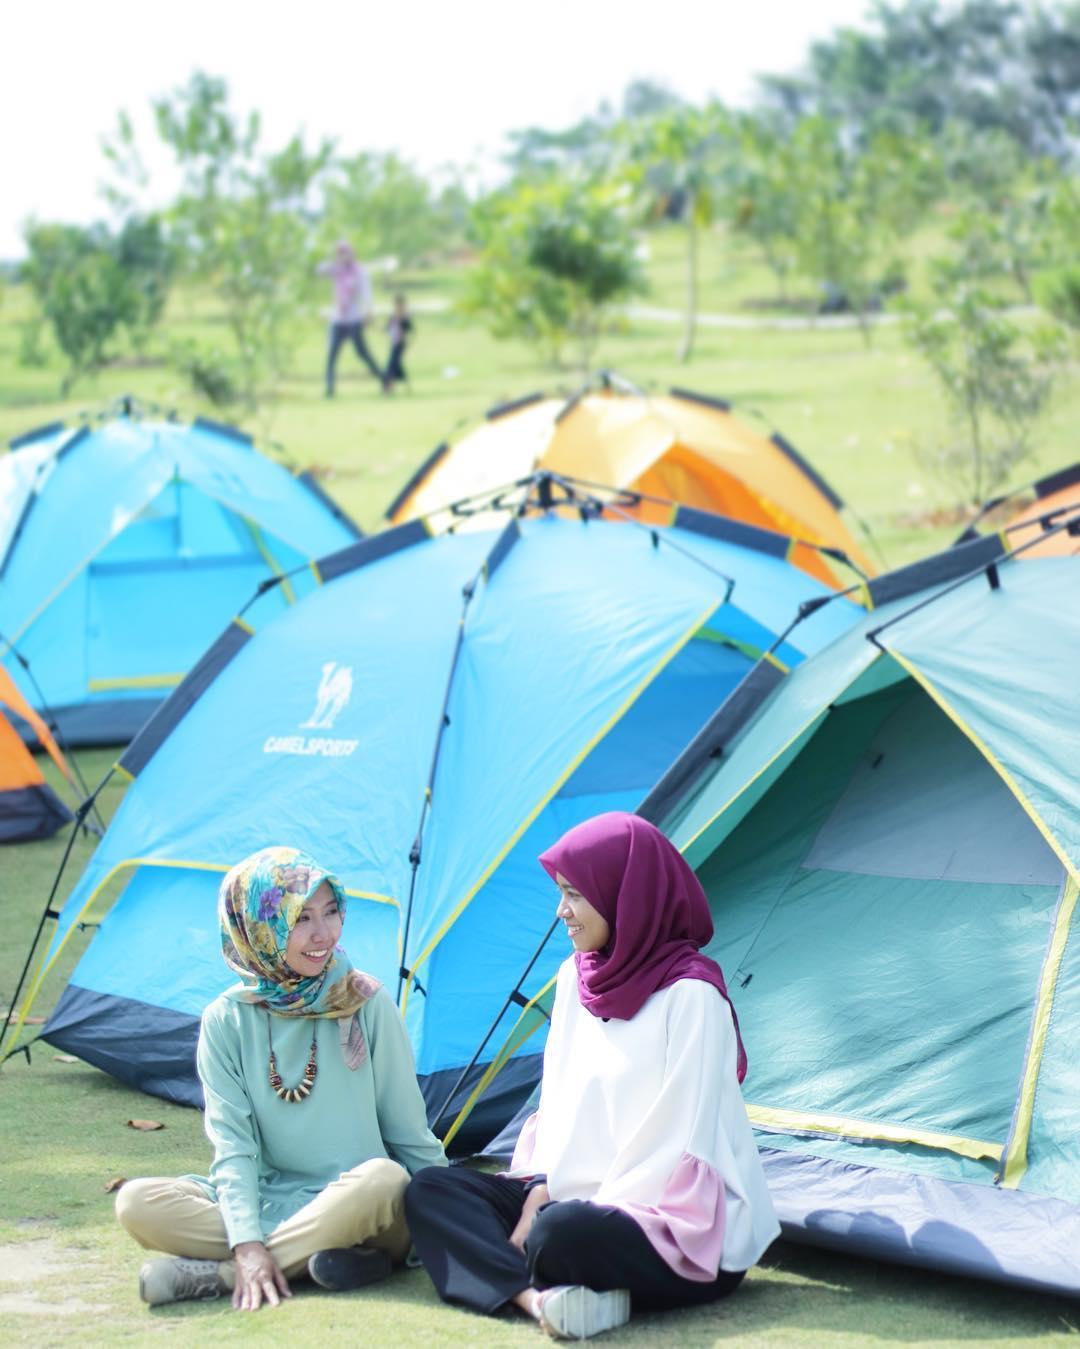 Camping di Pemancingan Poyotomo Bintan. Photo by Teguh